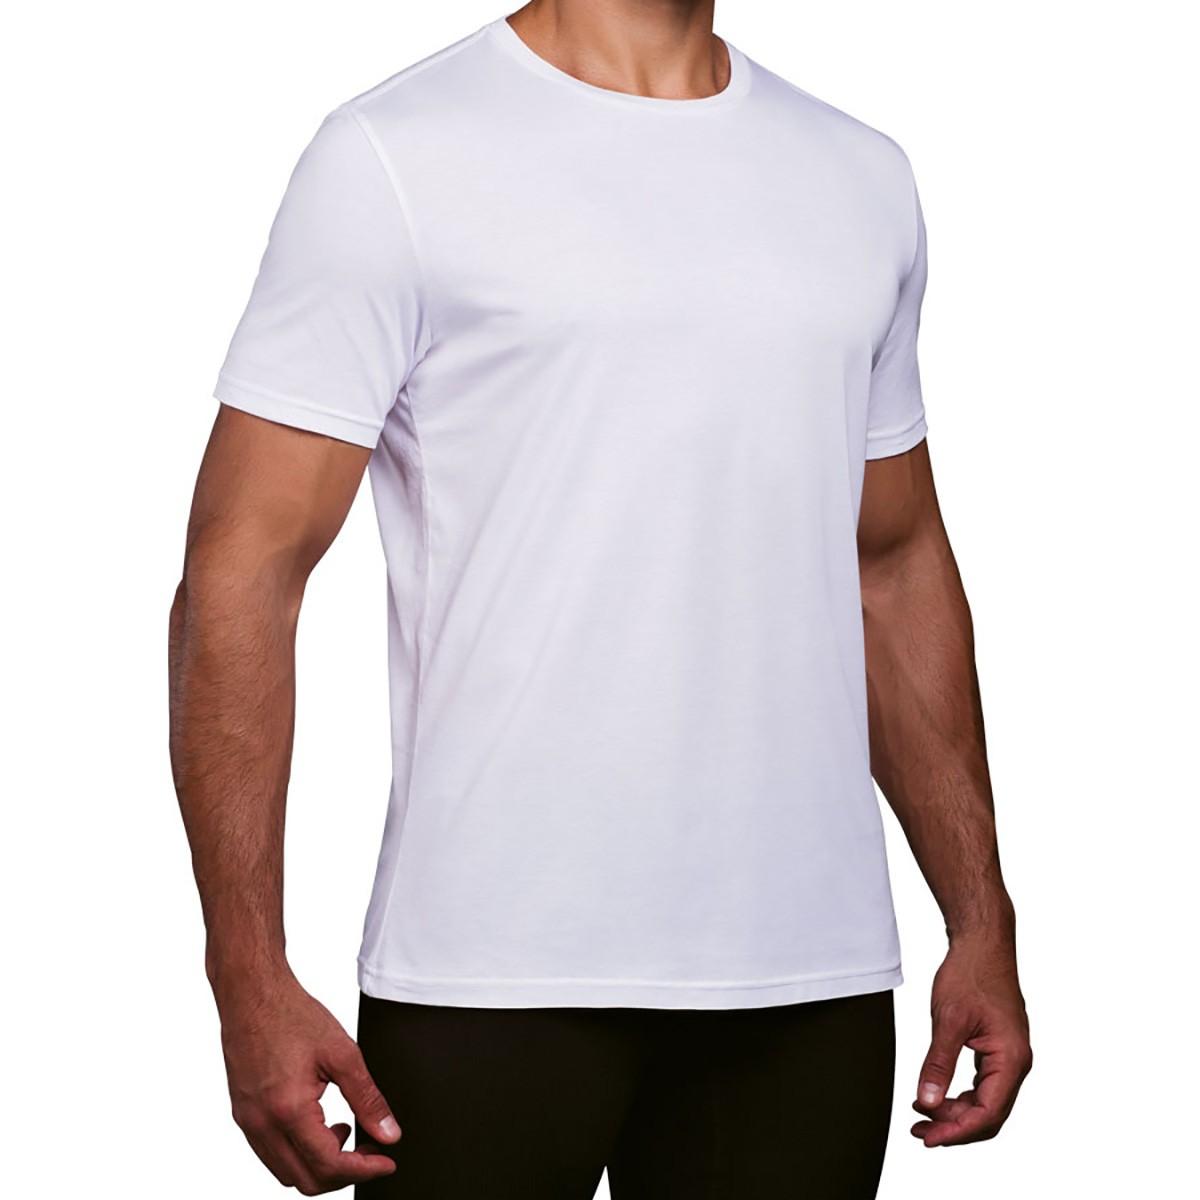 Camiseta sport básica masculino algodão pima academia Lupo